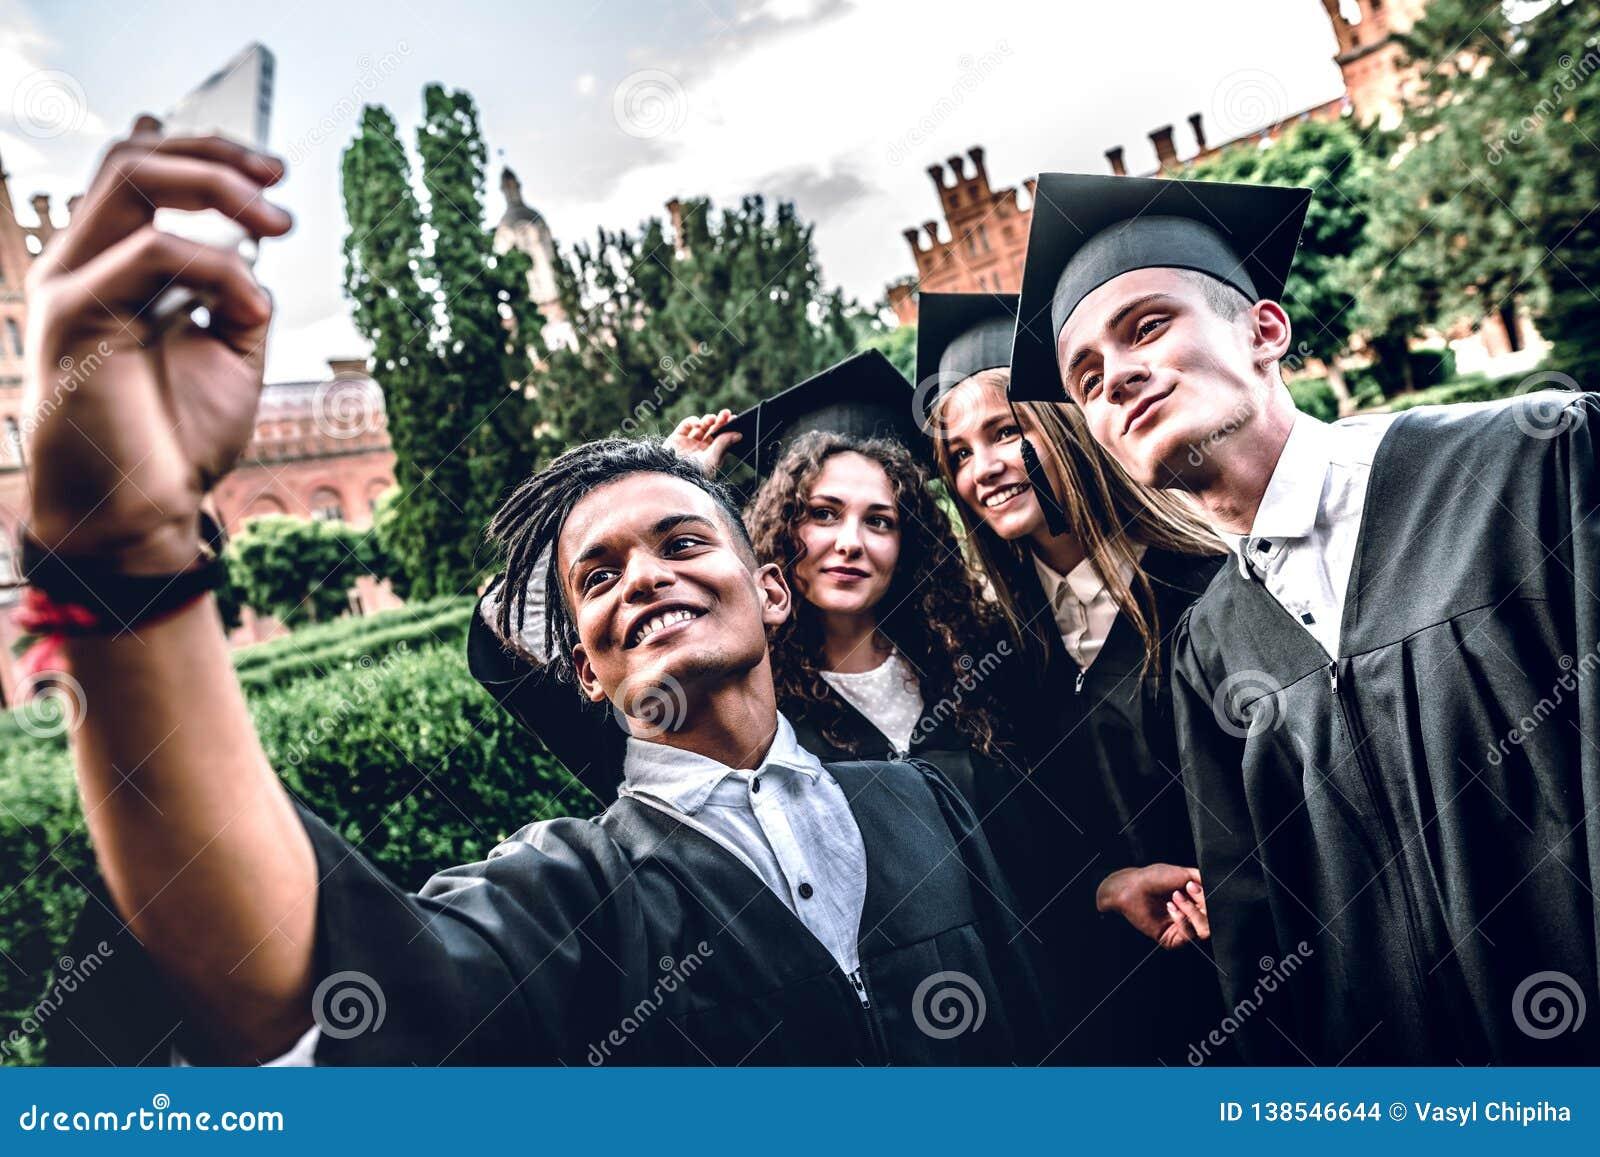 ¡Nosotros ` VE finalmente graduado! Los graduados felices se están colocando en la universidad al aire libre en capas que sonríen